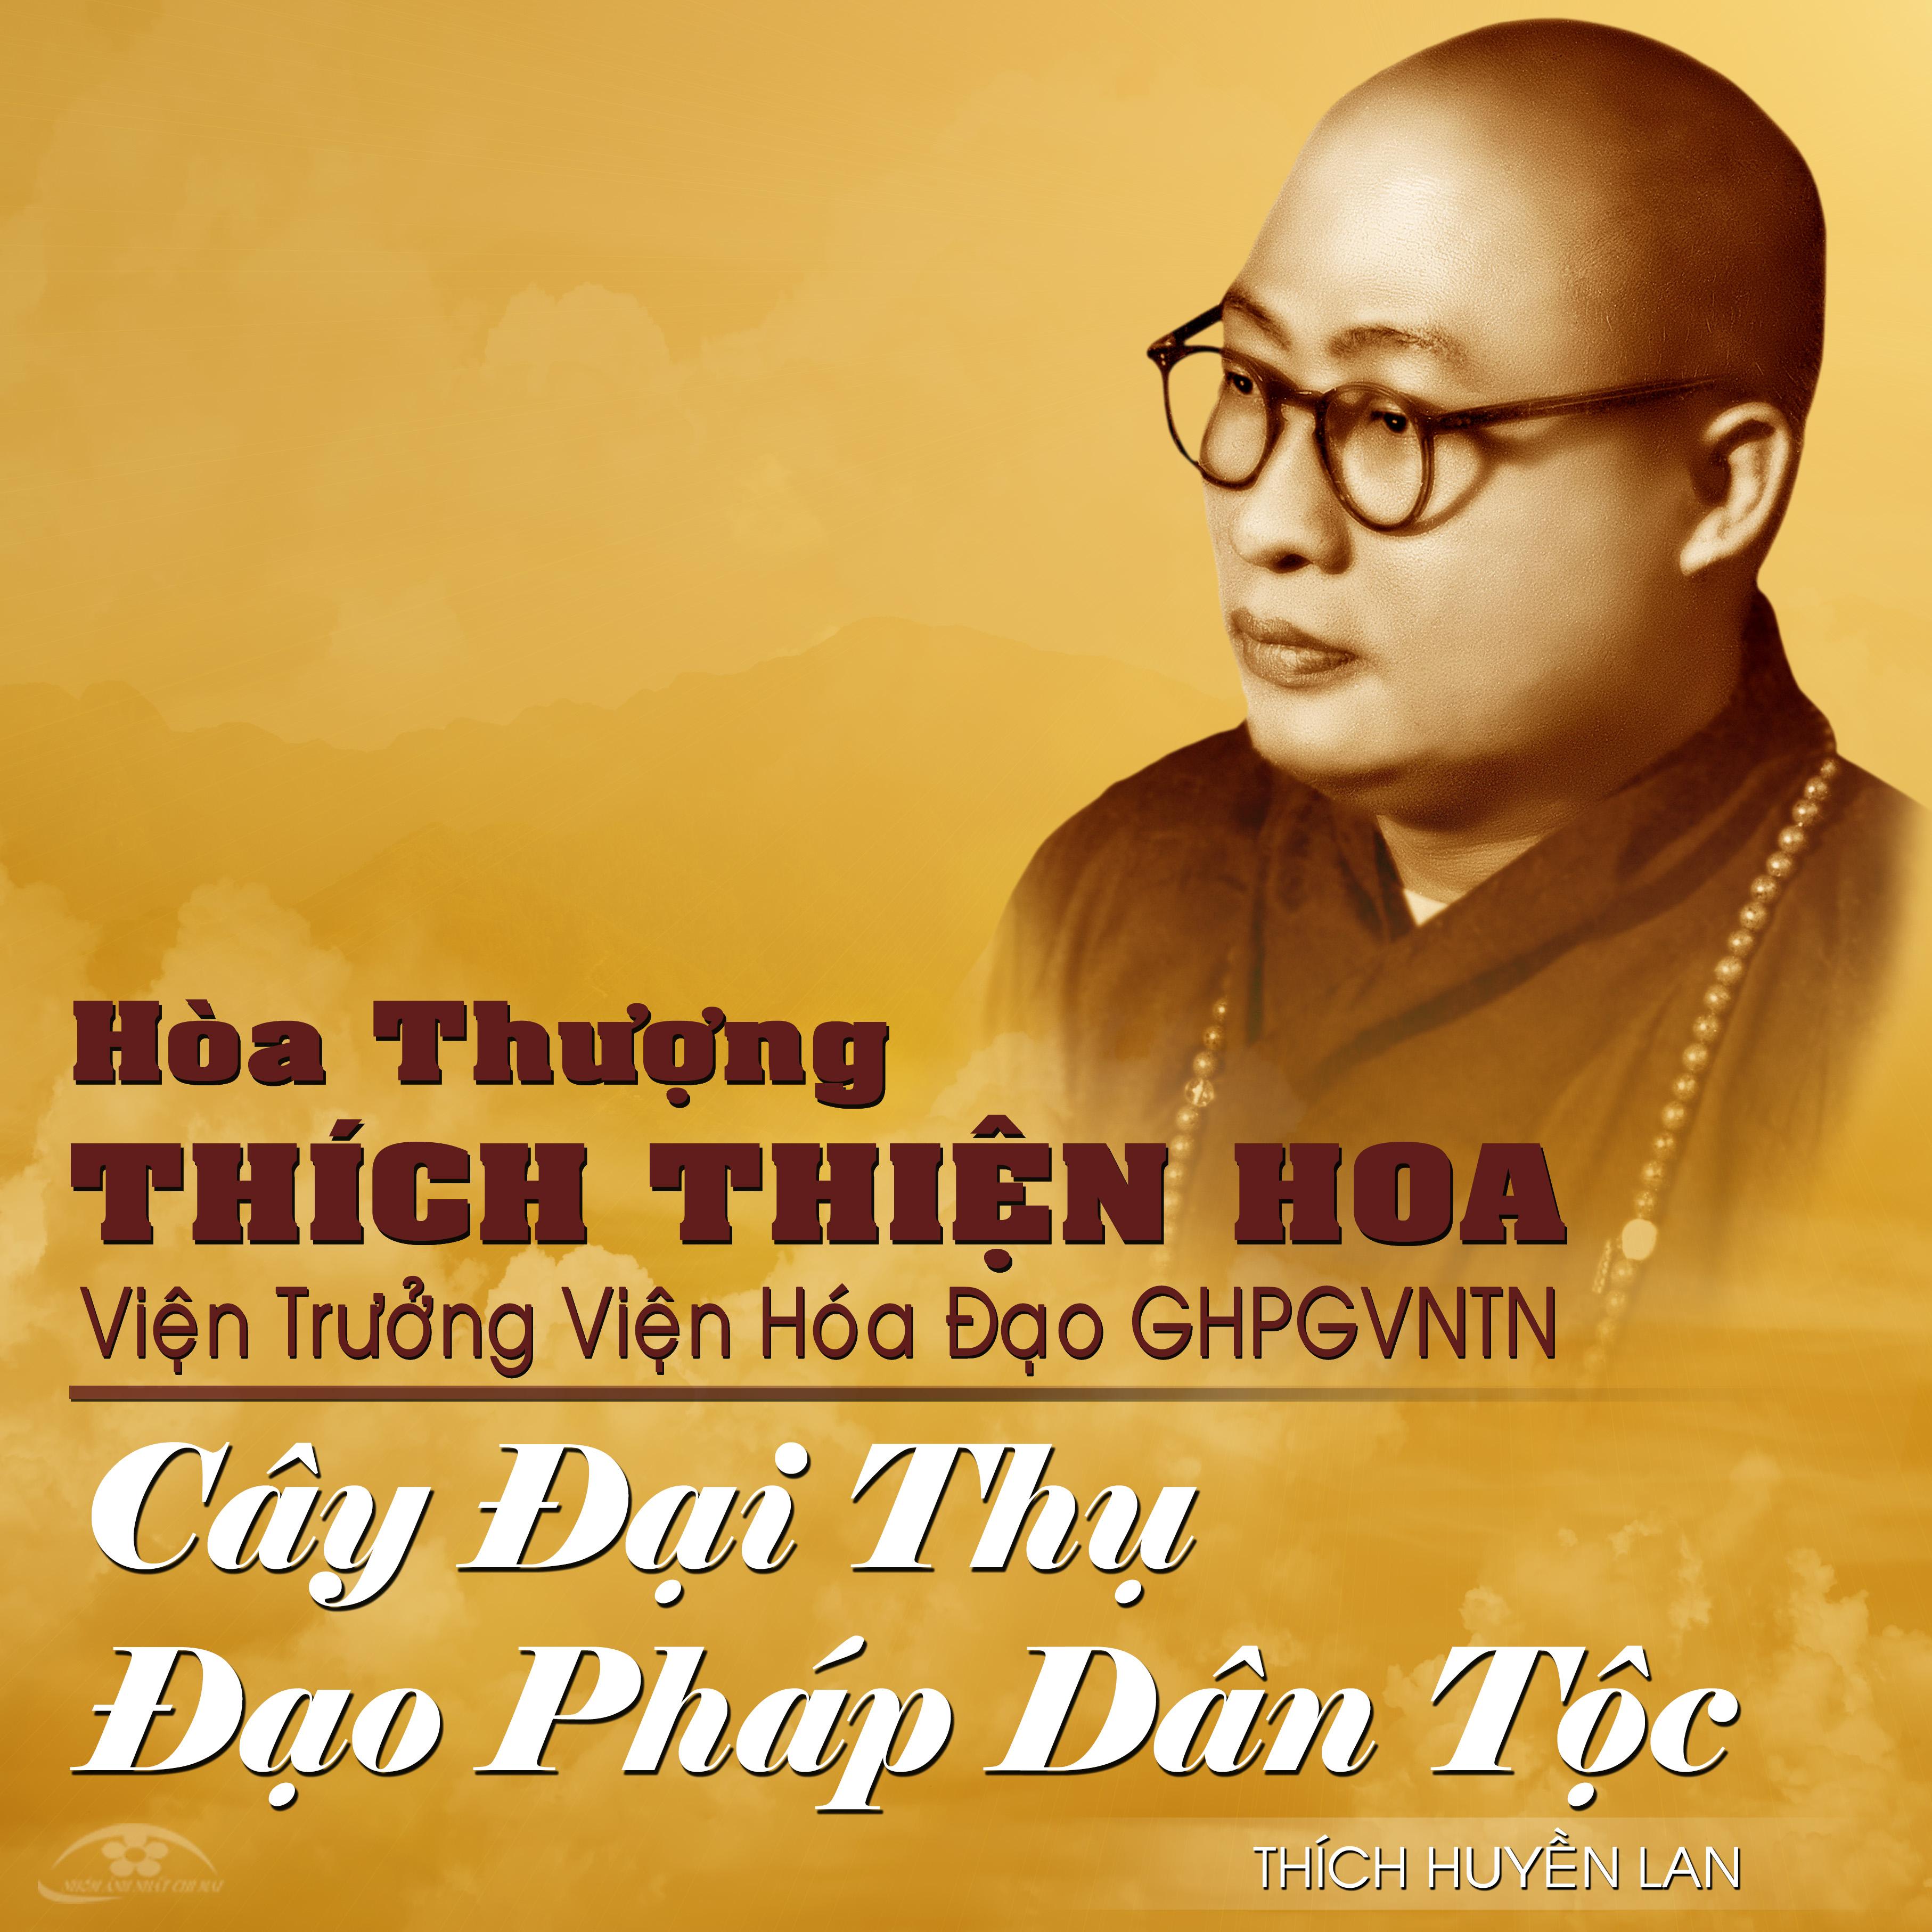 hoa_thuong_thich_thien_hoa_vien_truong_vien_hoa_dao_ghpgvntn_cay_dai_thu_dao_phap_dan_toc.jpg